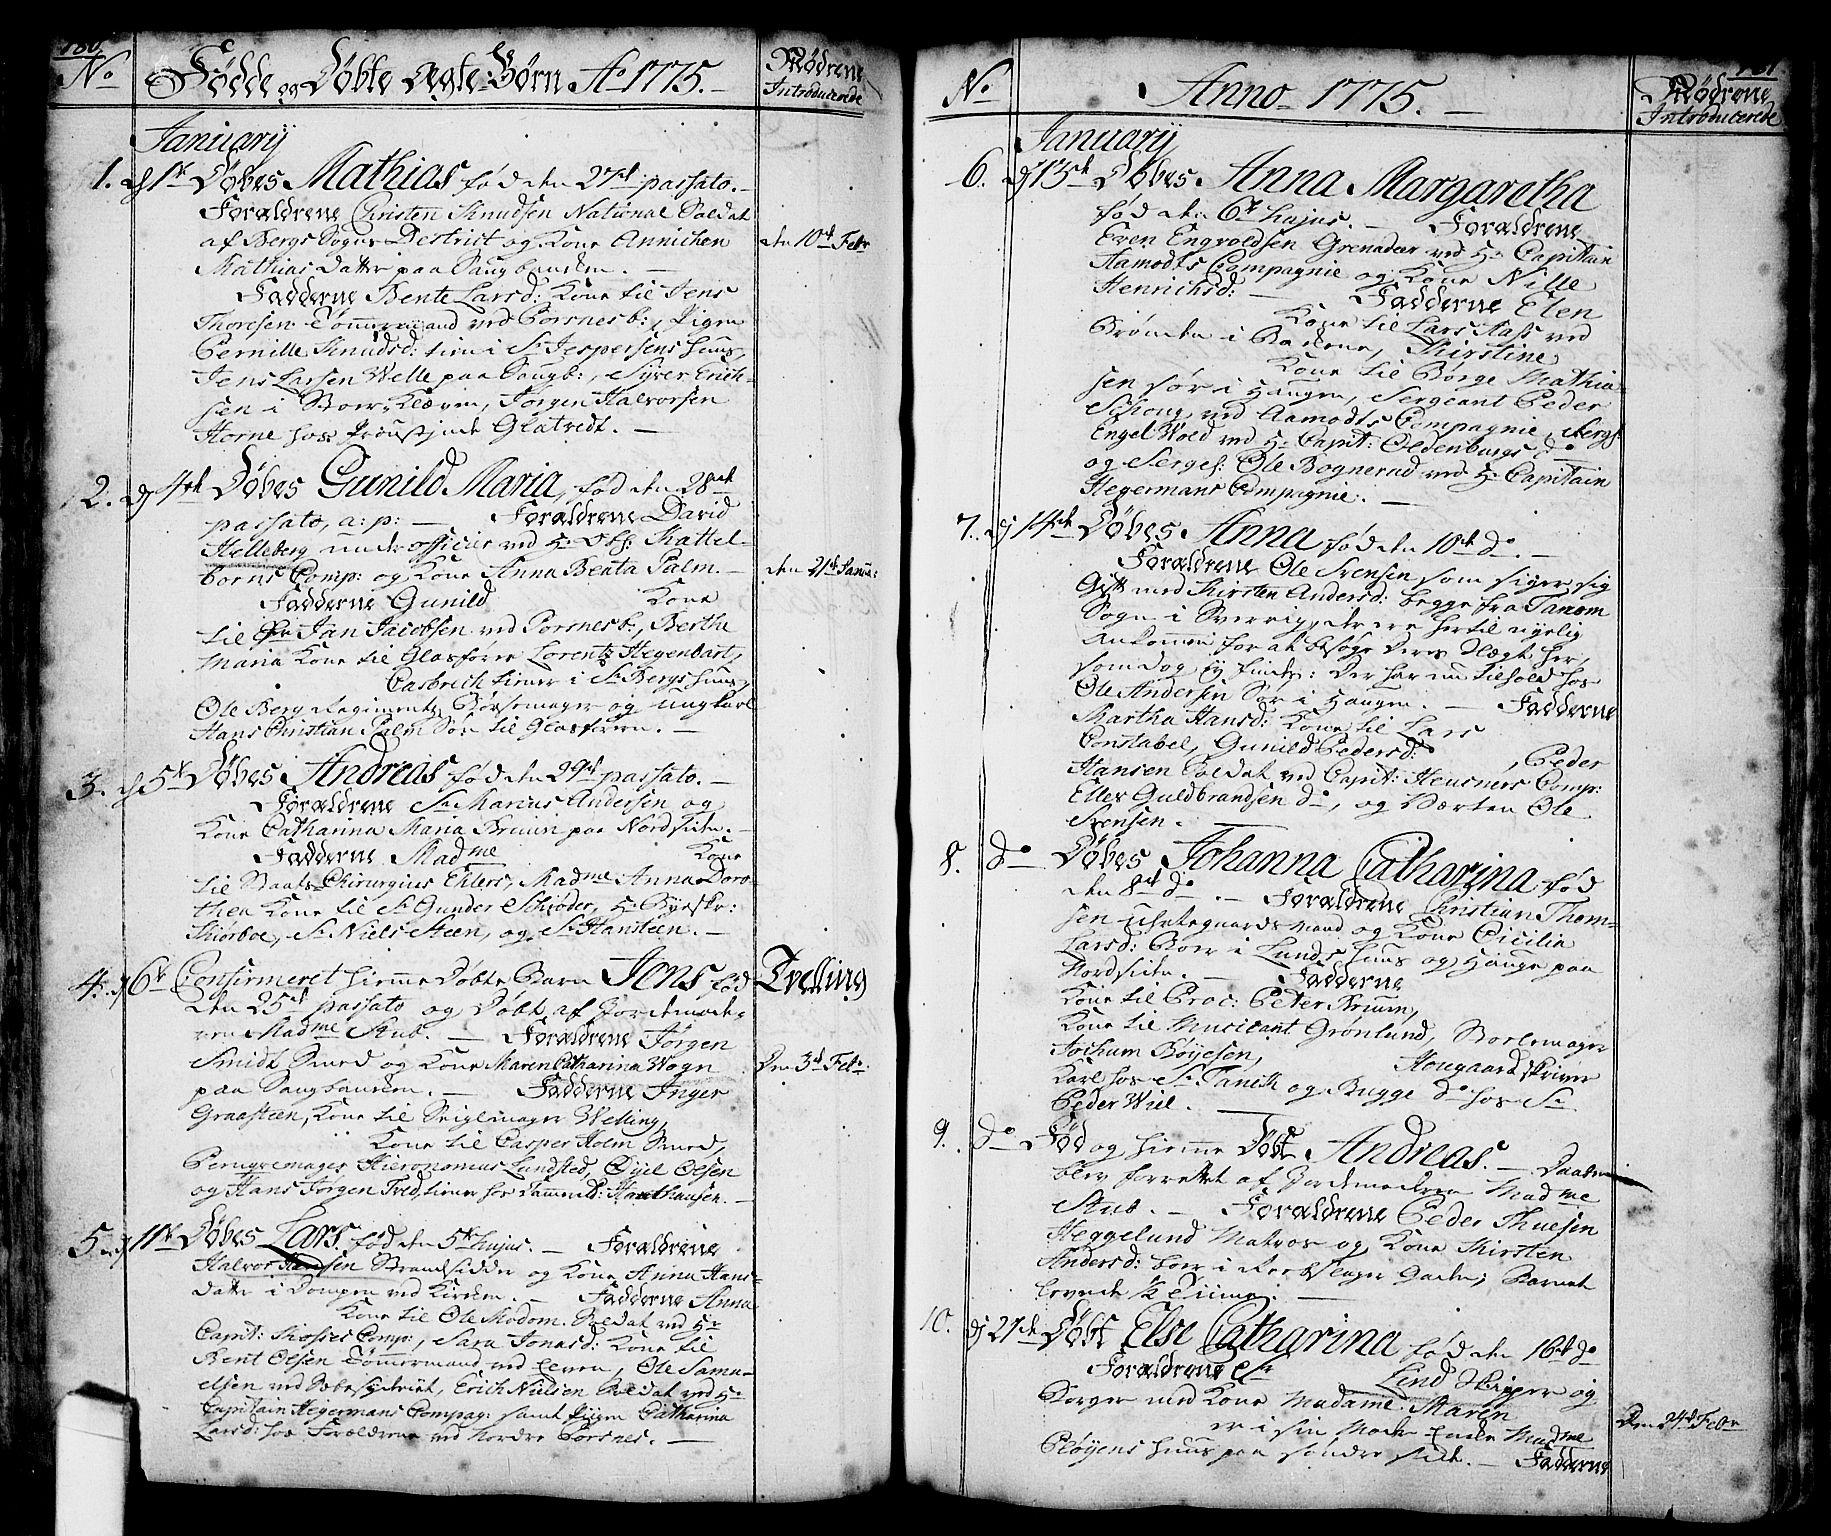 SAO, Halden prestekontor Kirkebøker, F/Fa/L0001: Ministerialbok nr. I 1, 1758-1791, s. 180-181